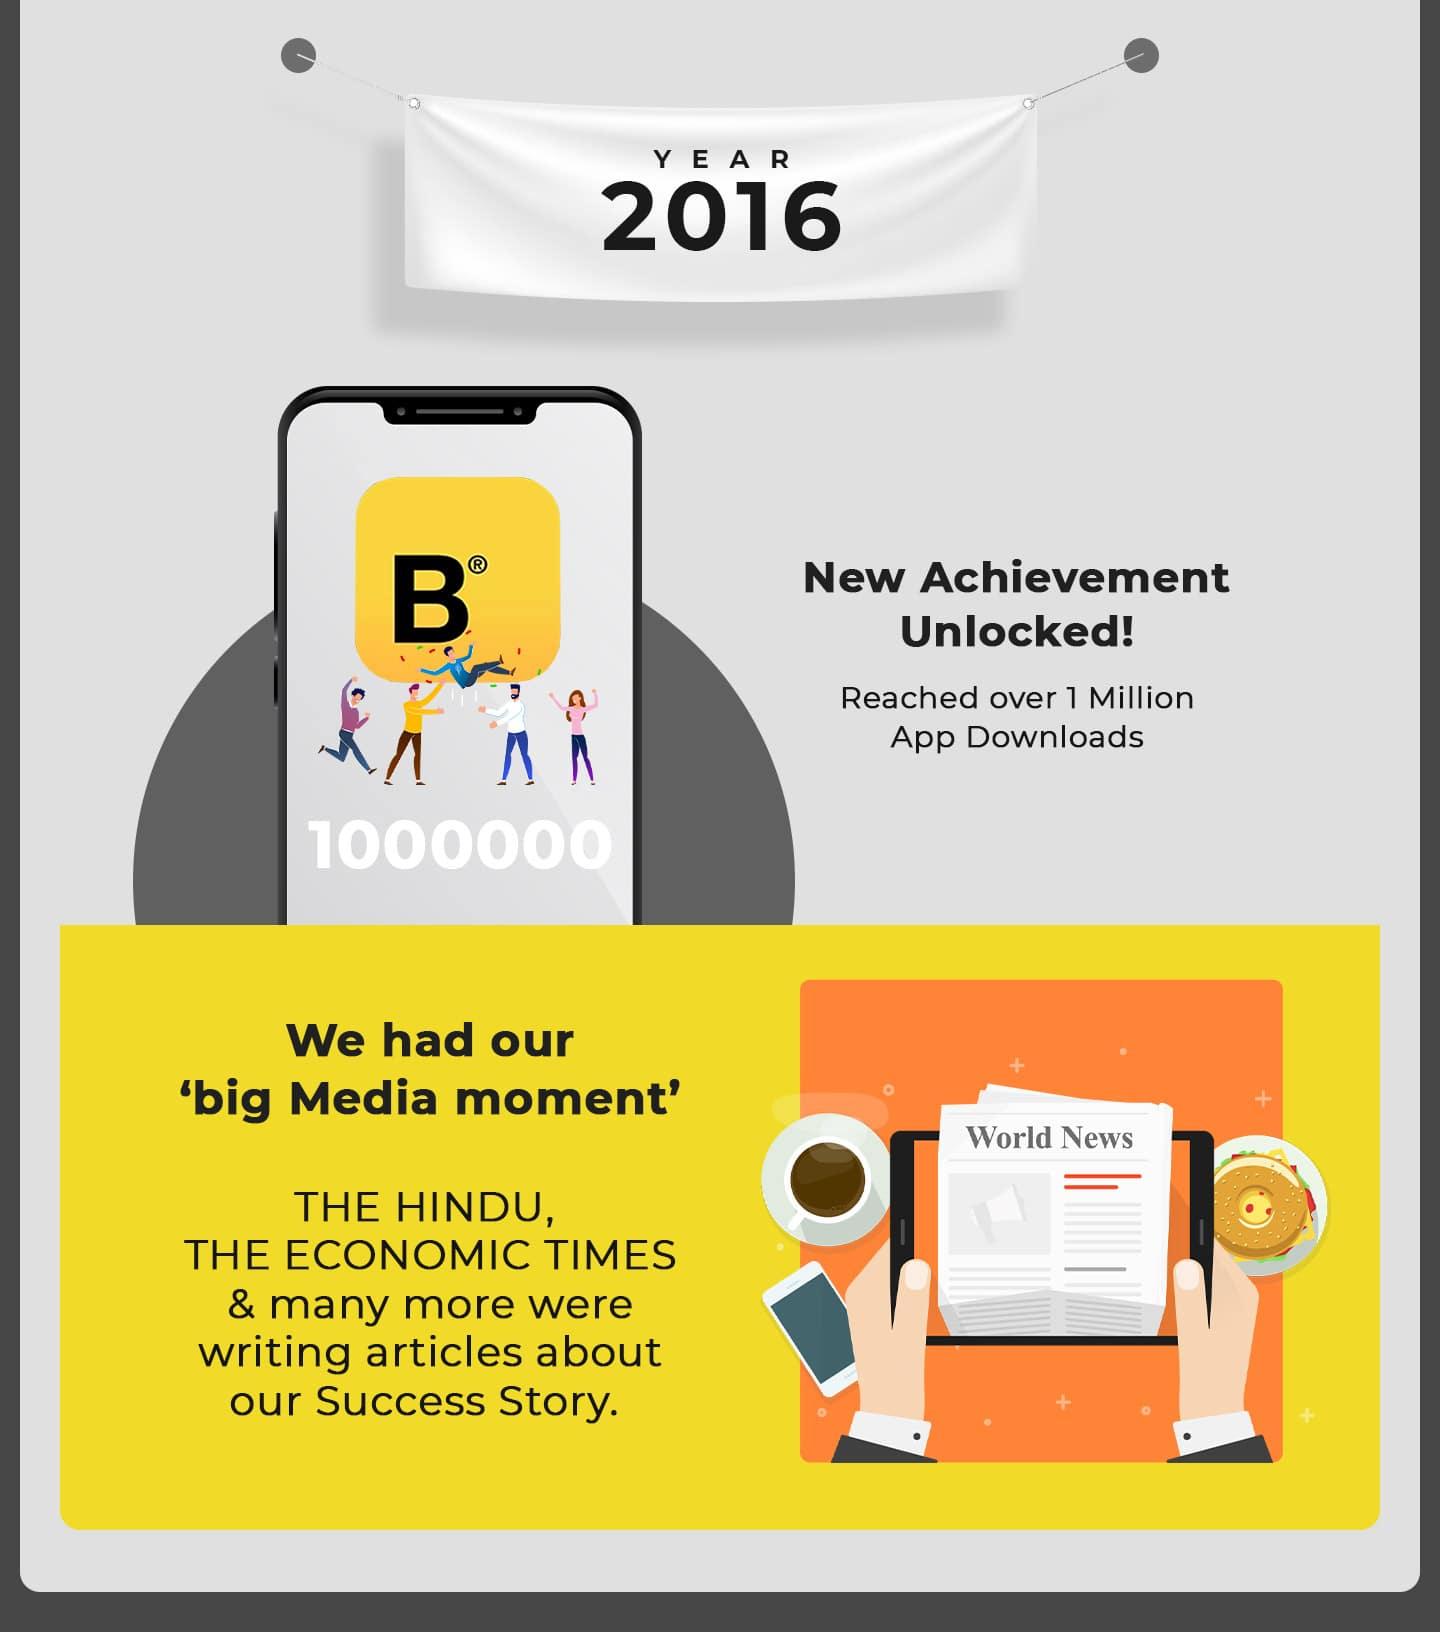 Year 2016 - Bewakoof.com